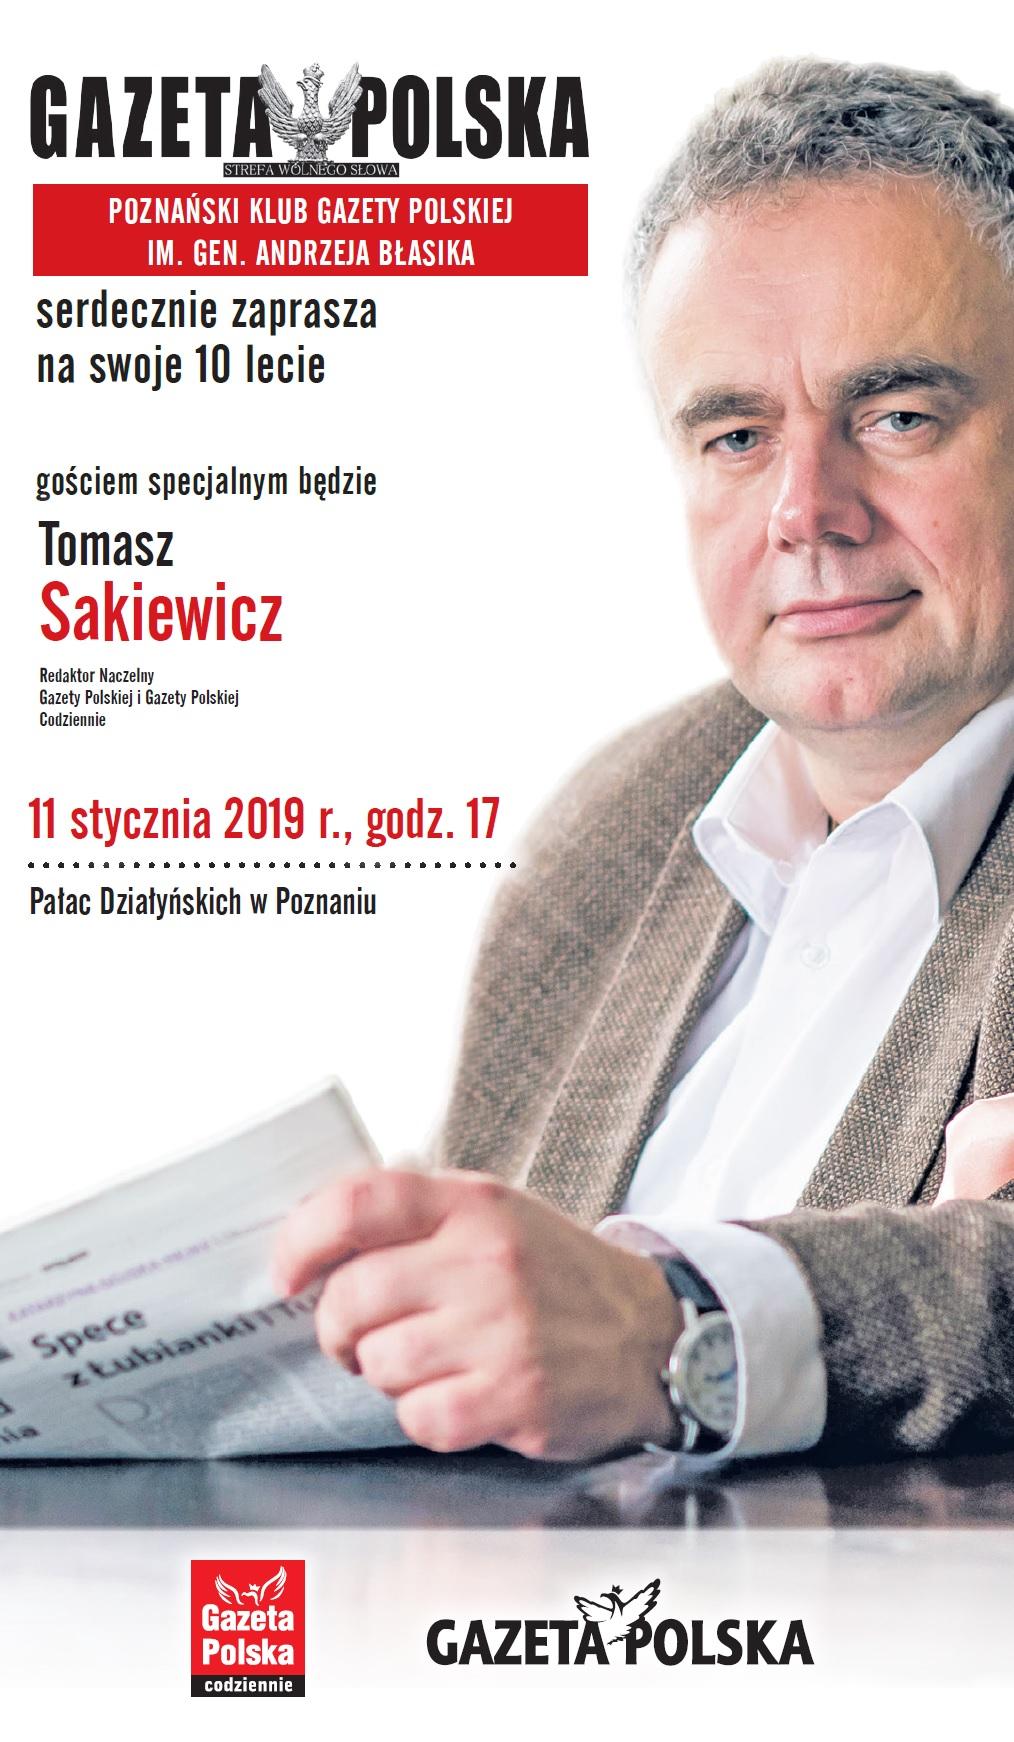 Poznan 10 lecie 2018